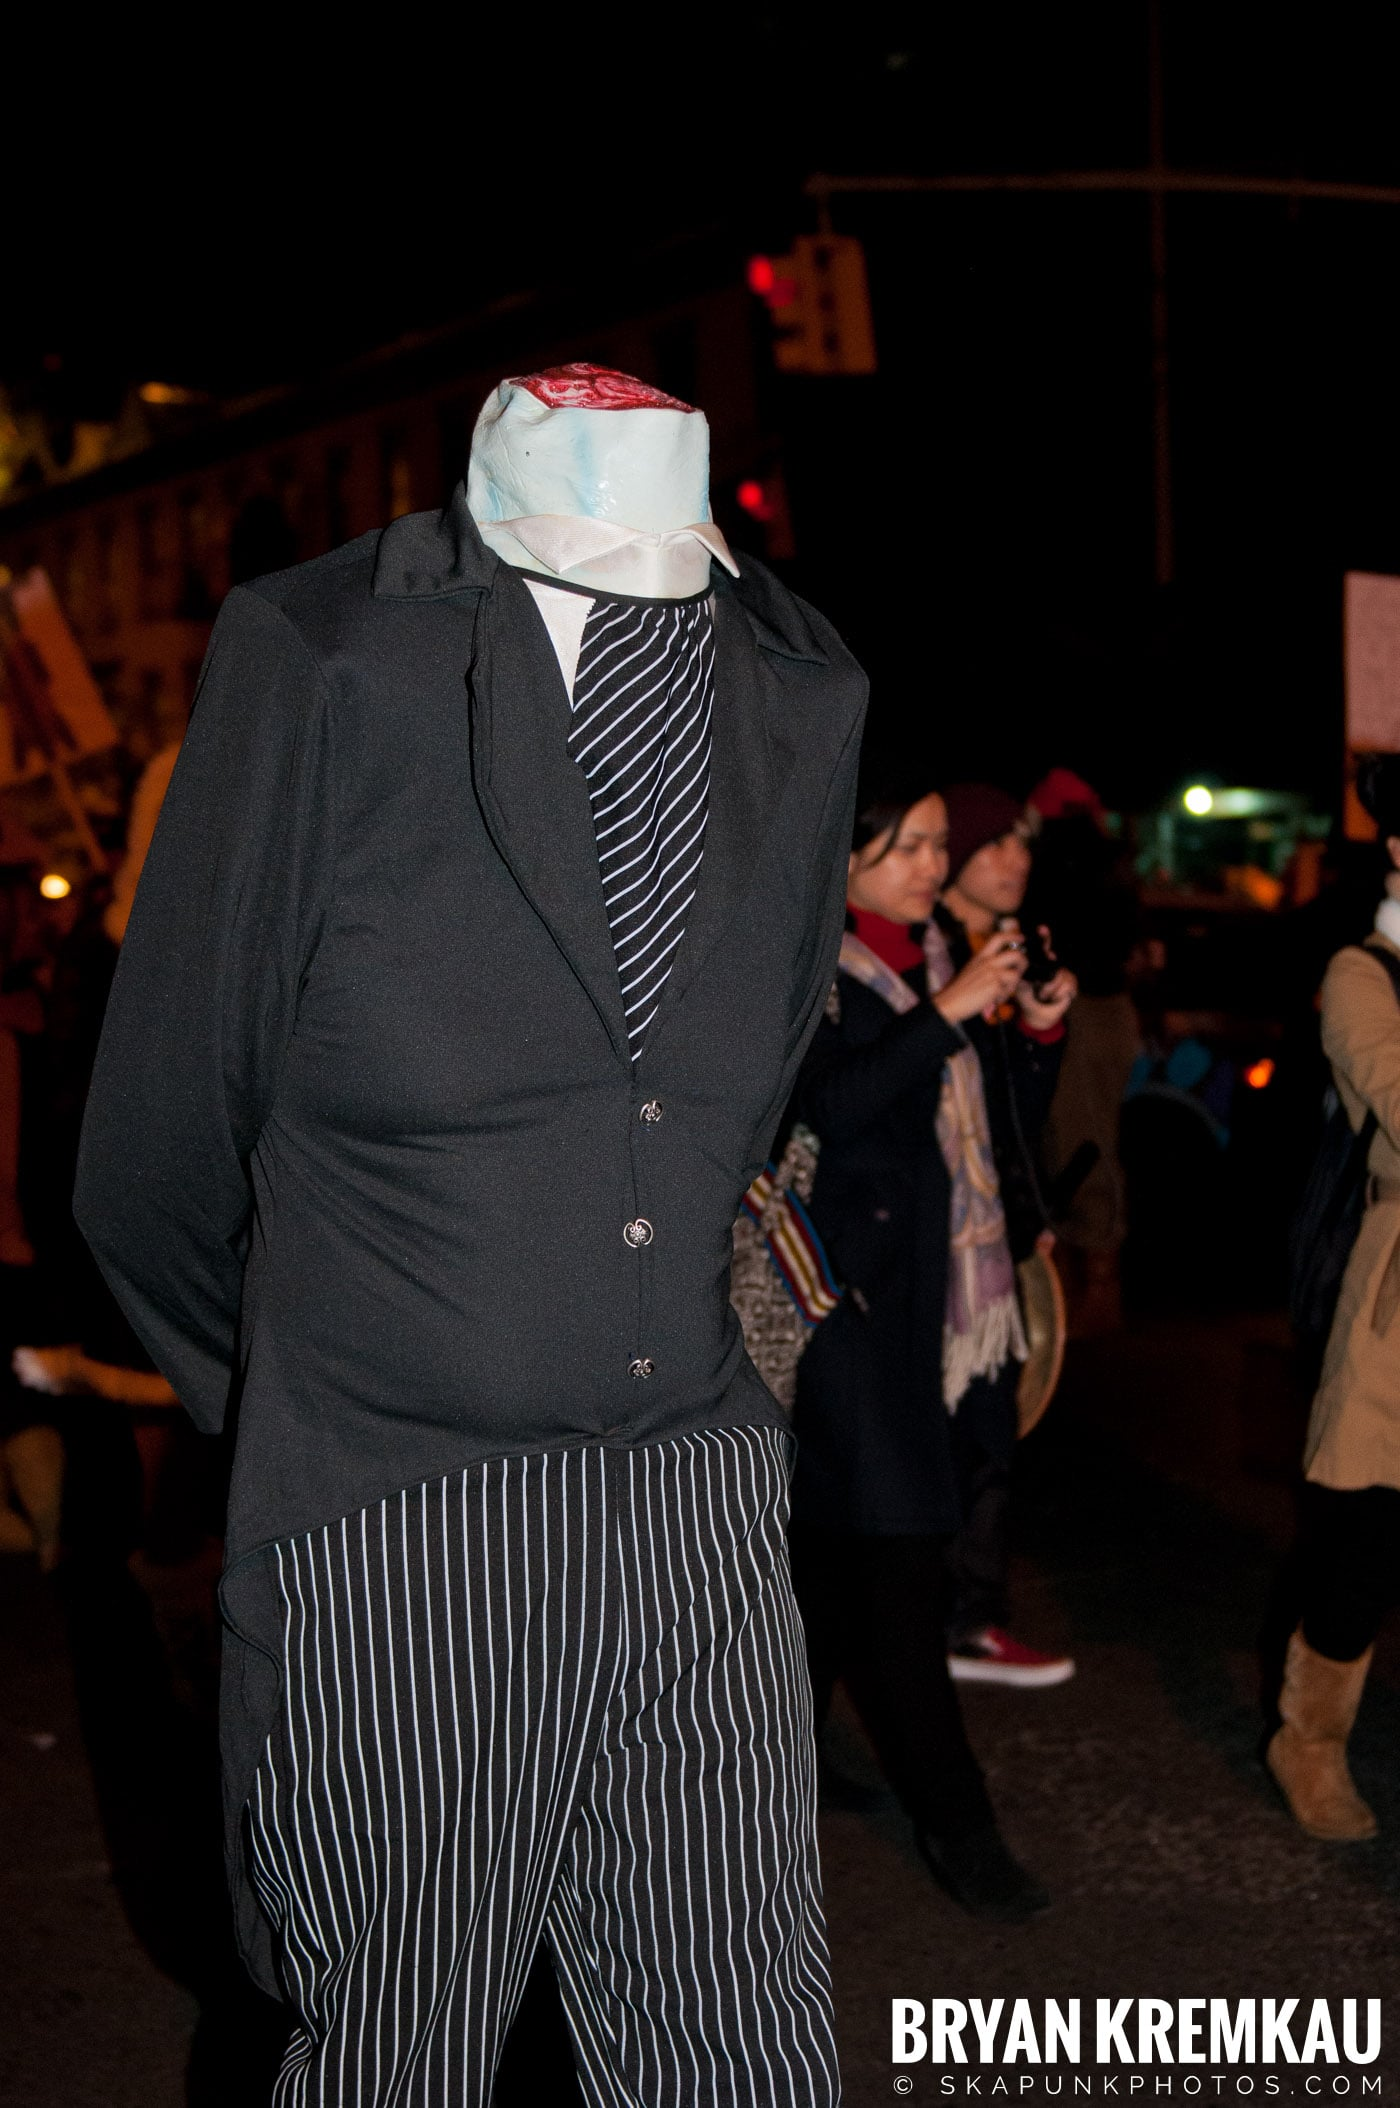 NYC Halloween Parade 2011 @ New York, NY - 10.31.11 (66)